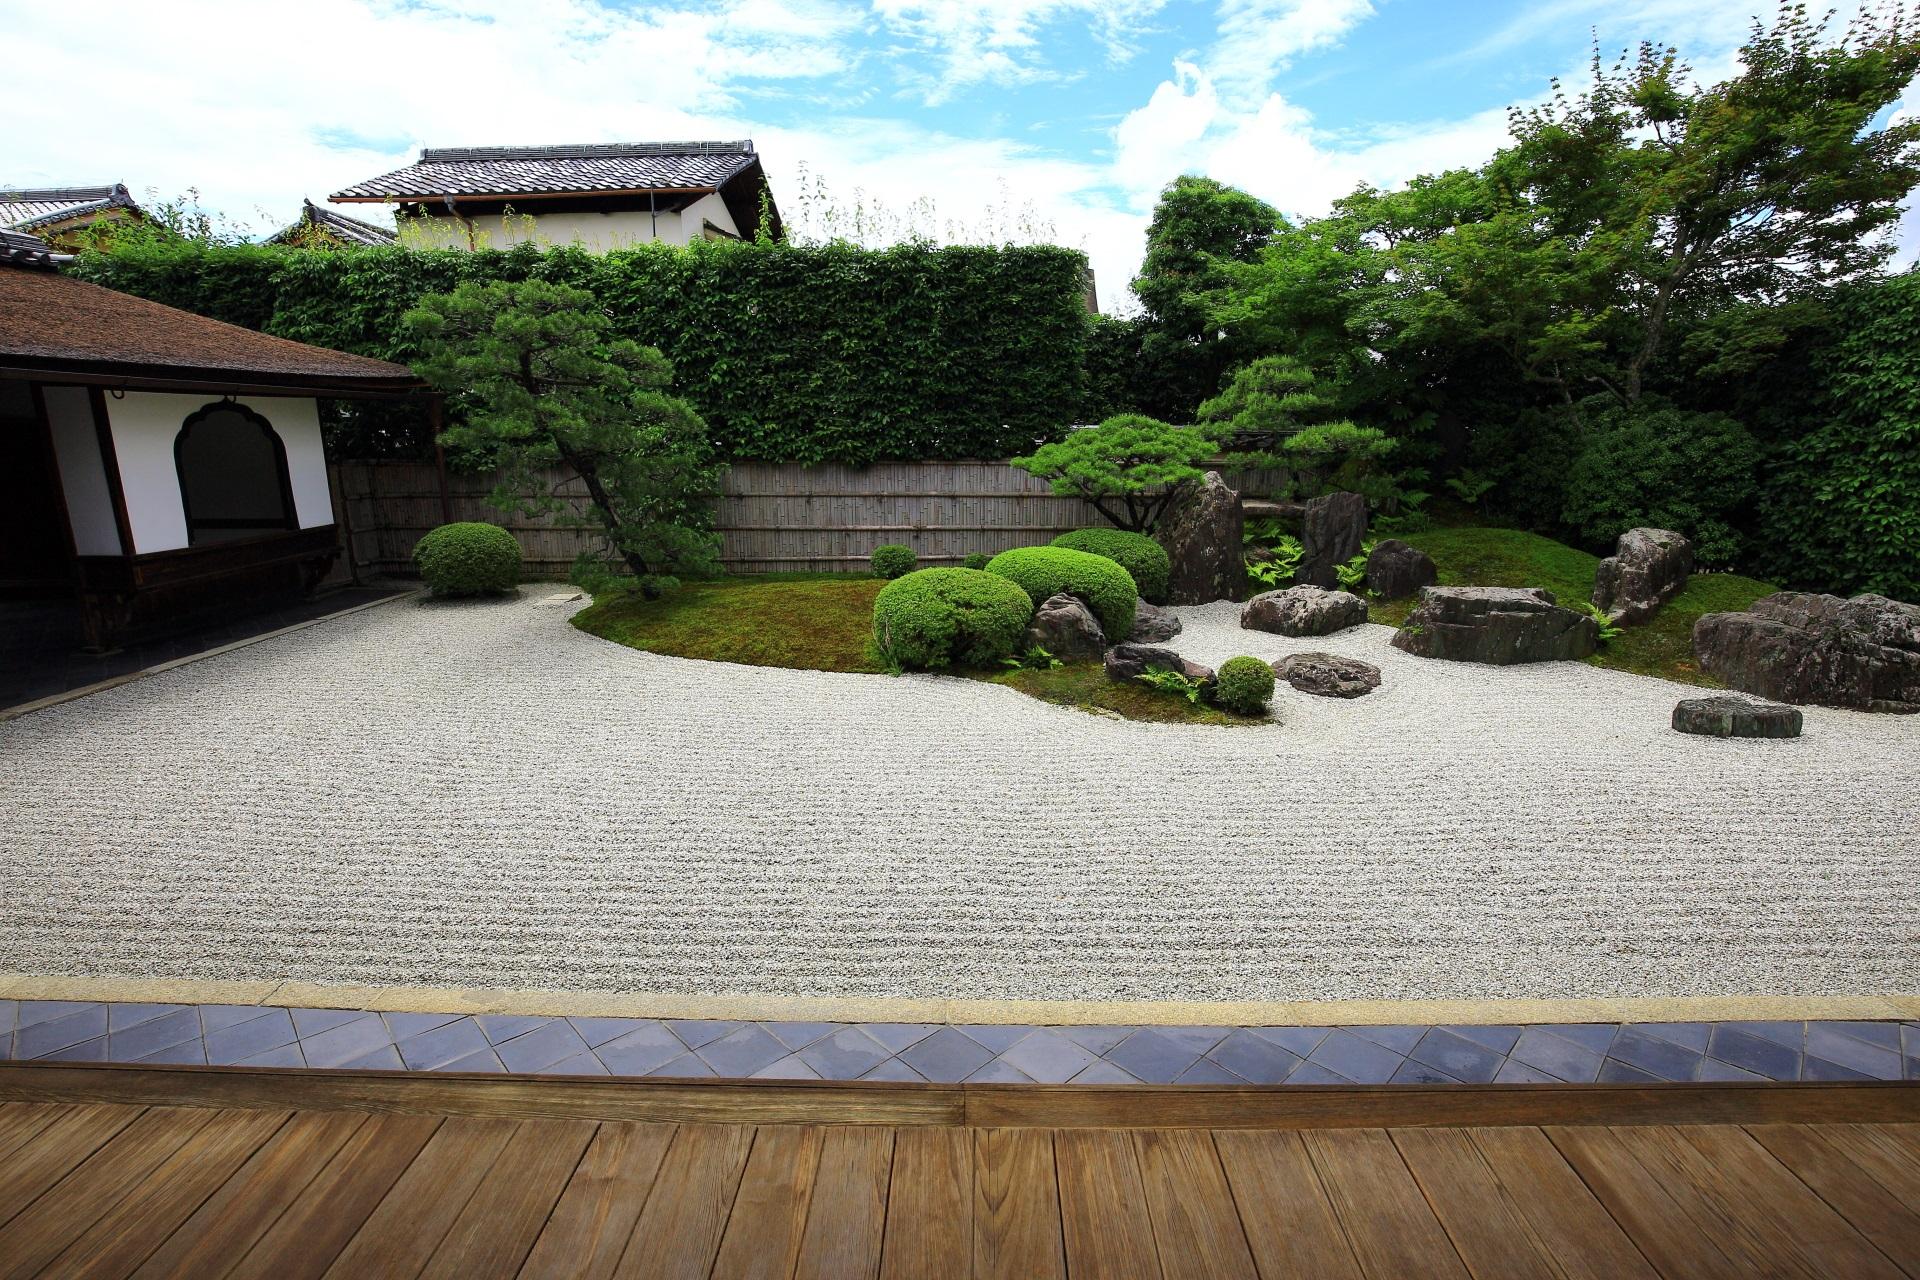 興臨院の方丈前庭園